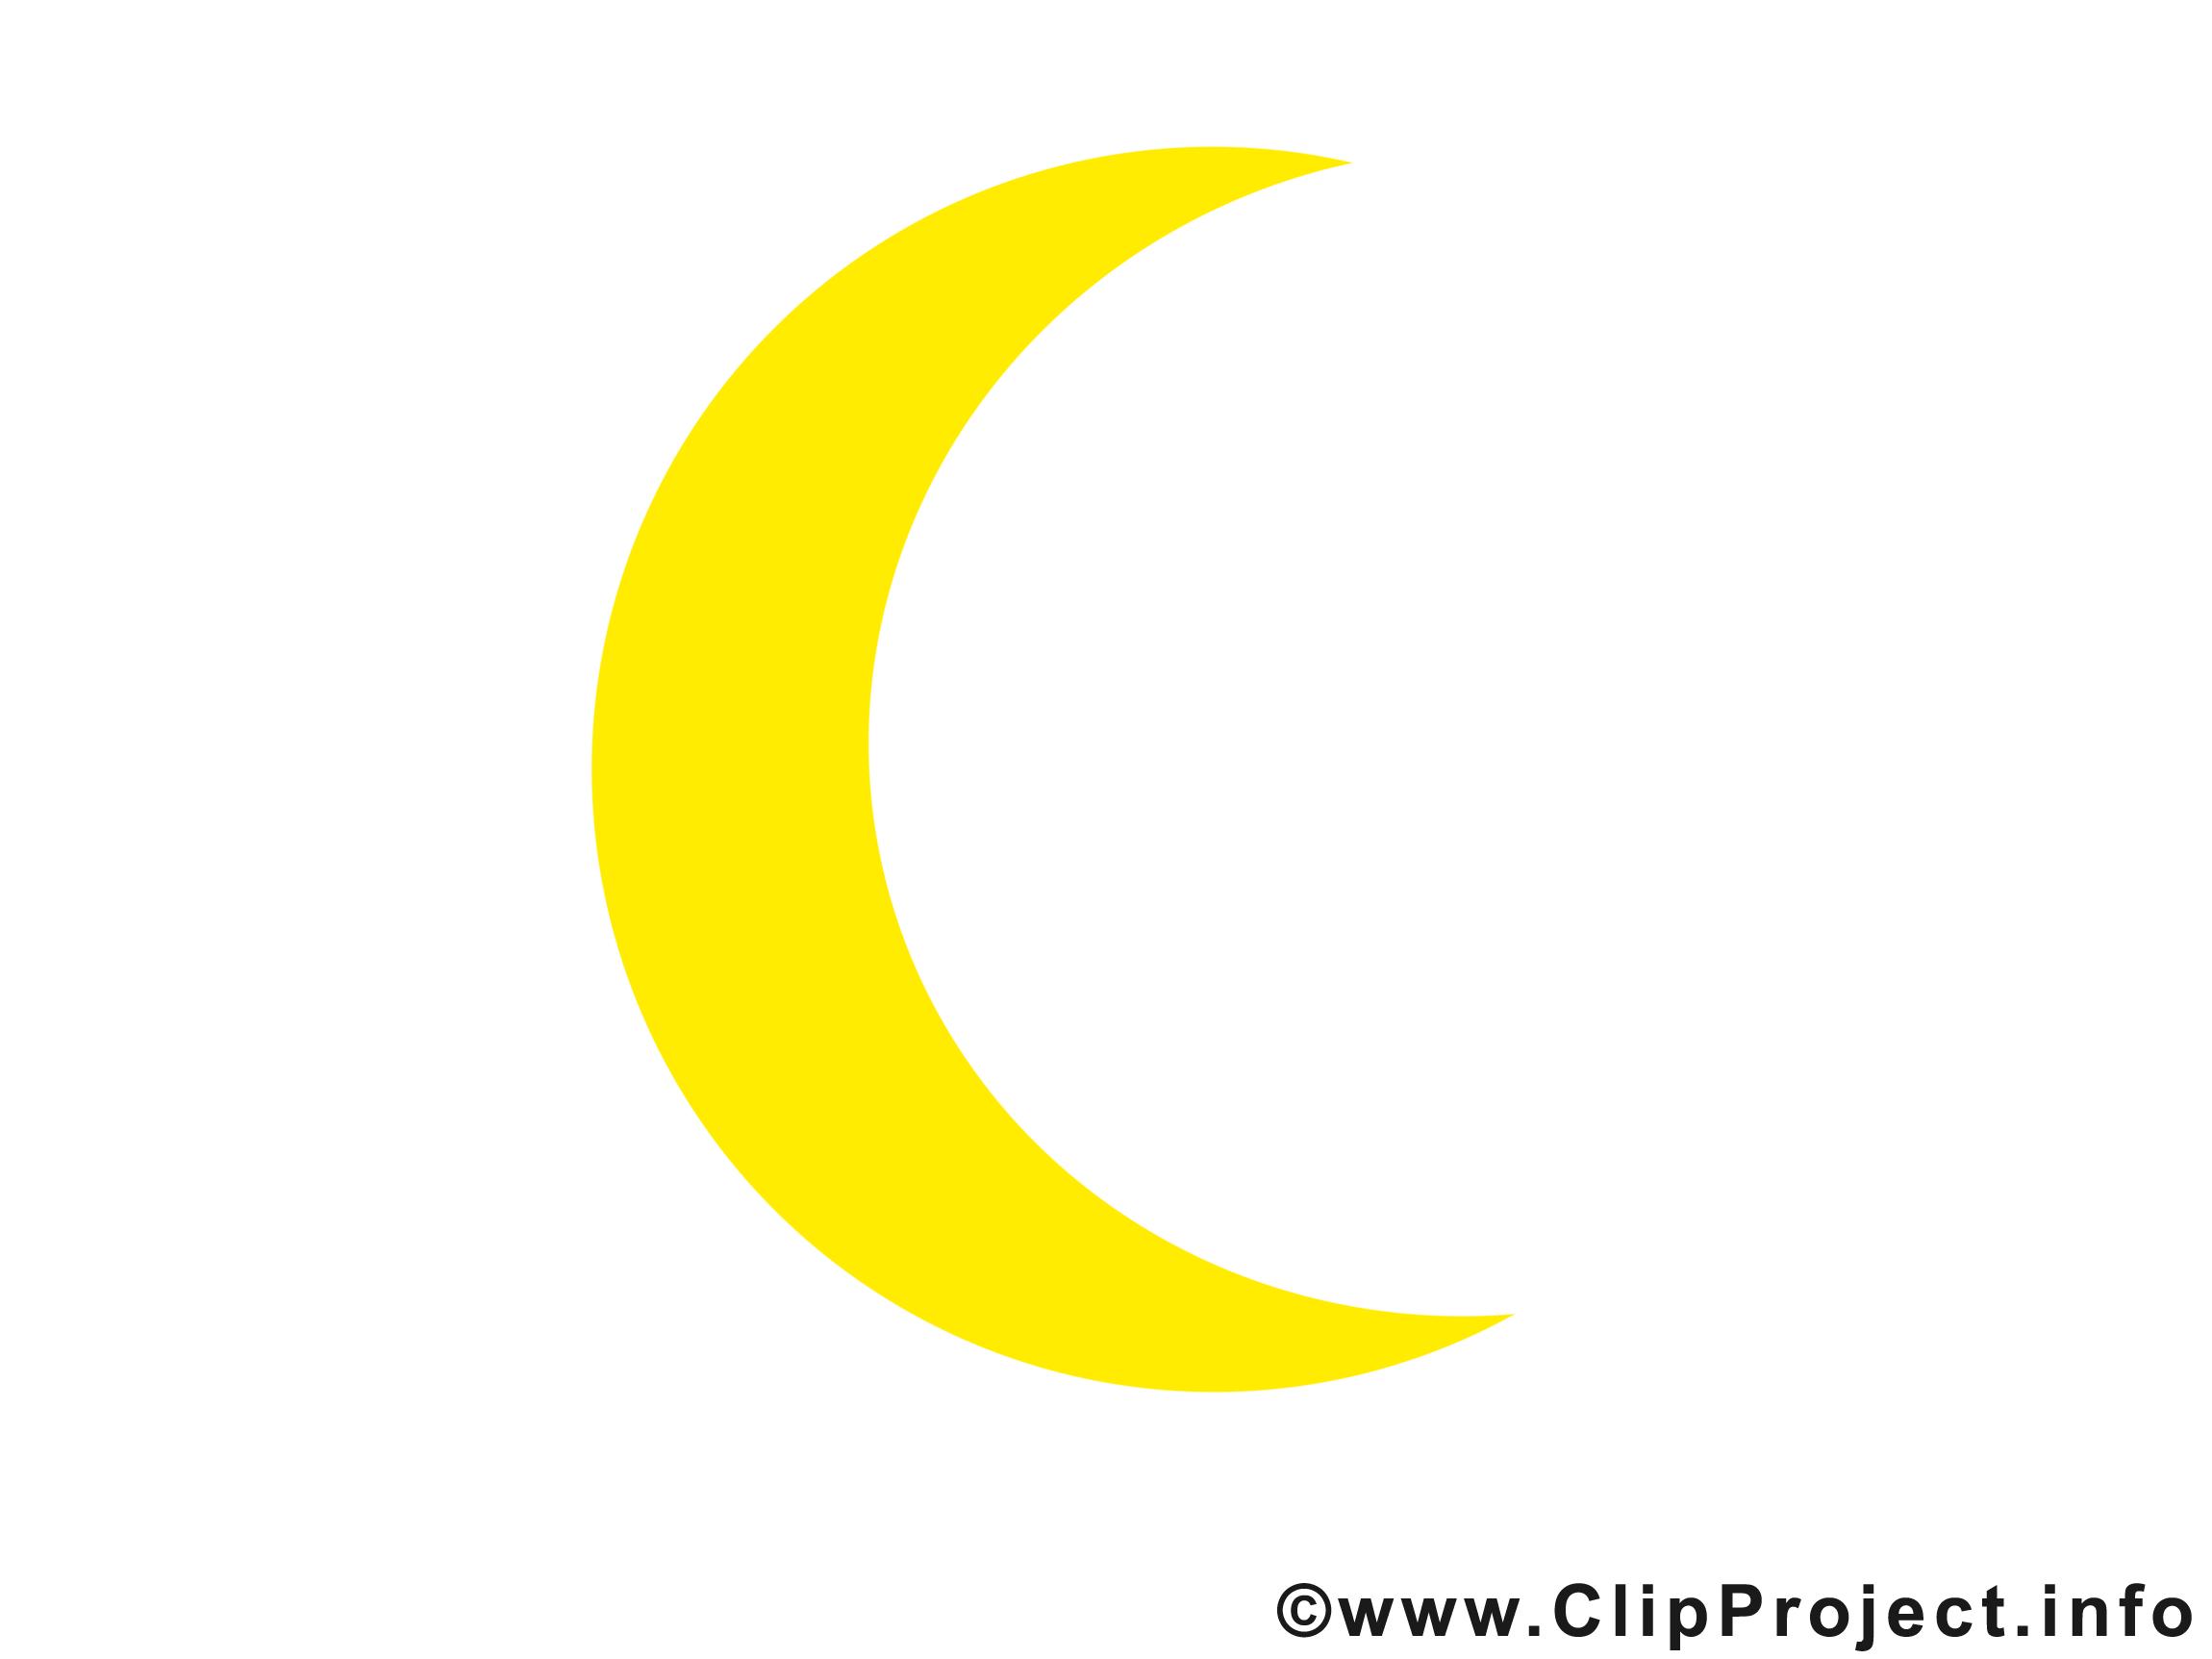 Croissant clip art gratuit - Lune dessin - Temps images ...